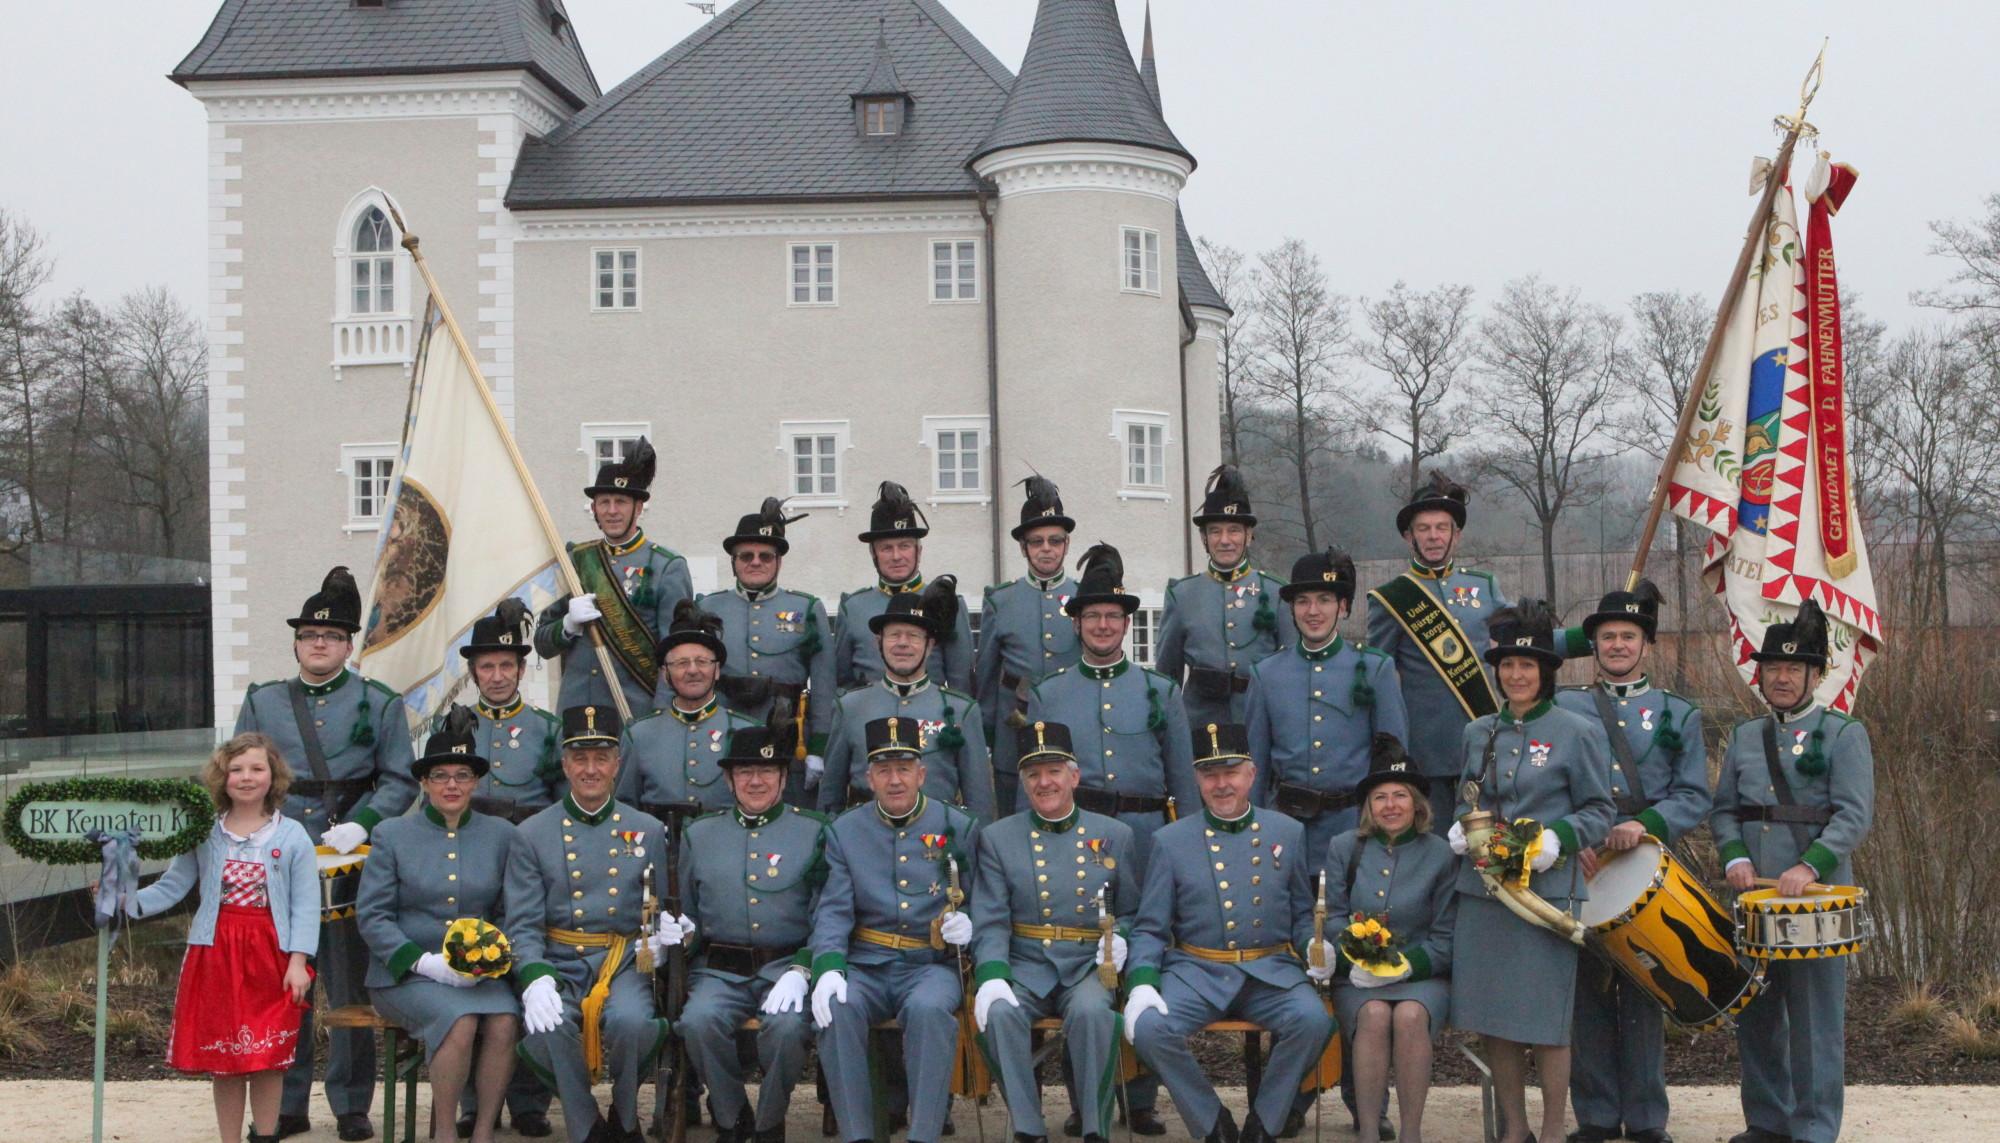 Bürgerkorps Kematen an der Krems